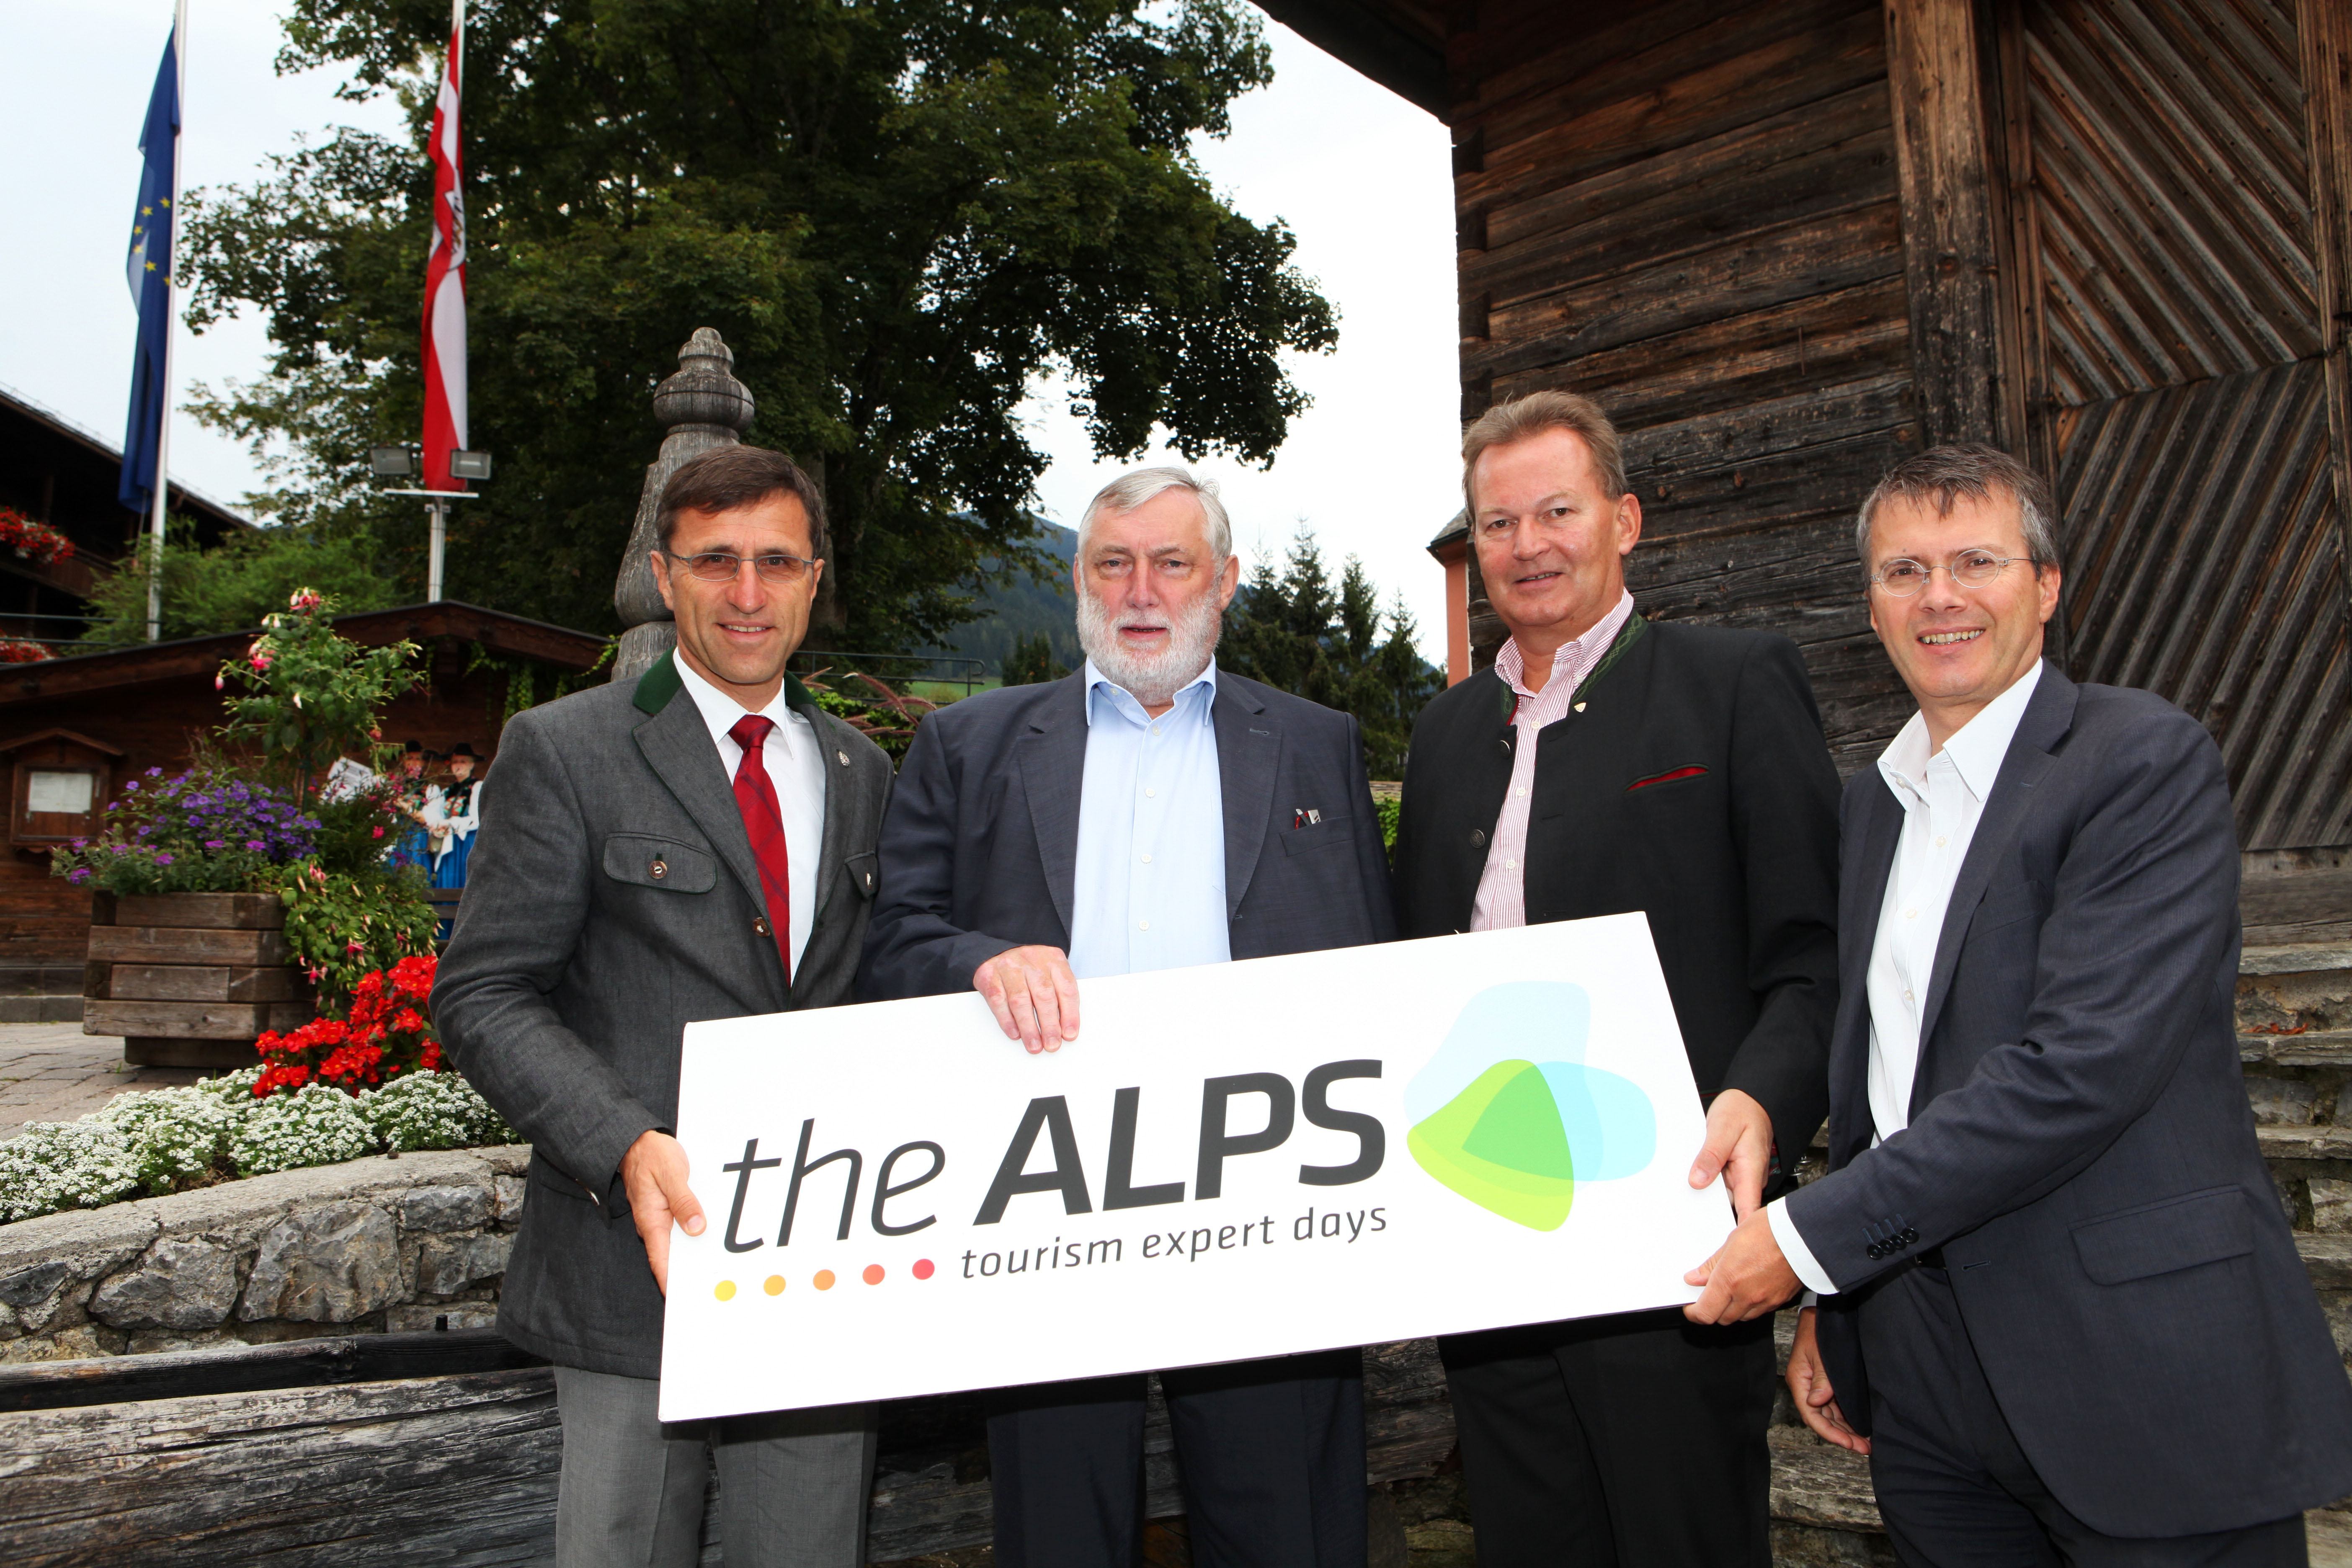 Präsentierten das Leitthema von The Alps 2012 in Alpbach - (von links) Josef Margreiter, Franz Fischler, Harald Ultsch und Konrad Plankensteiner.